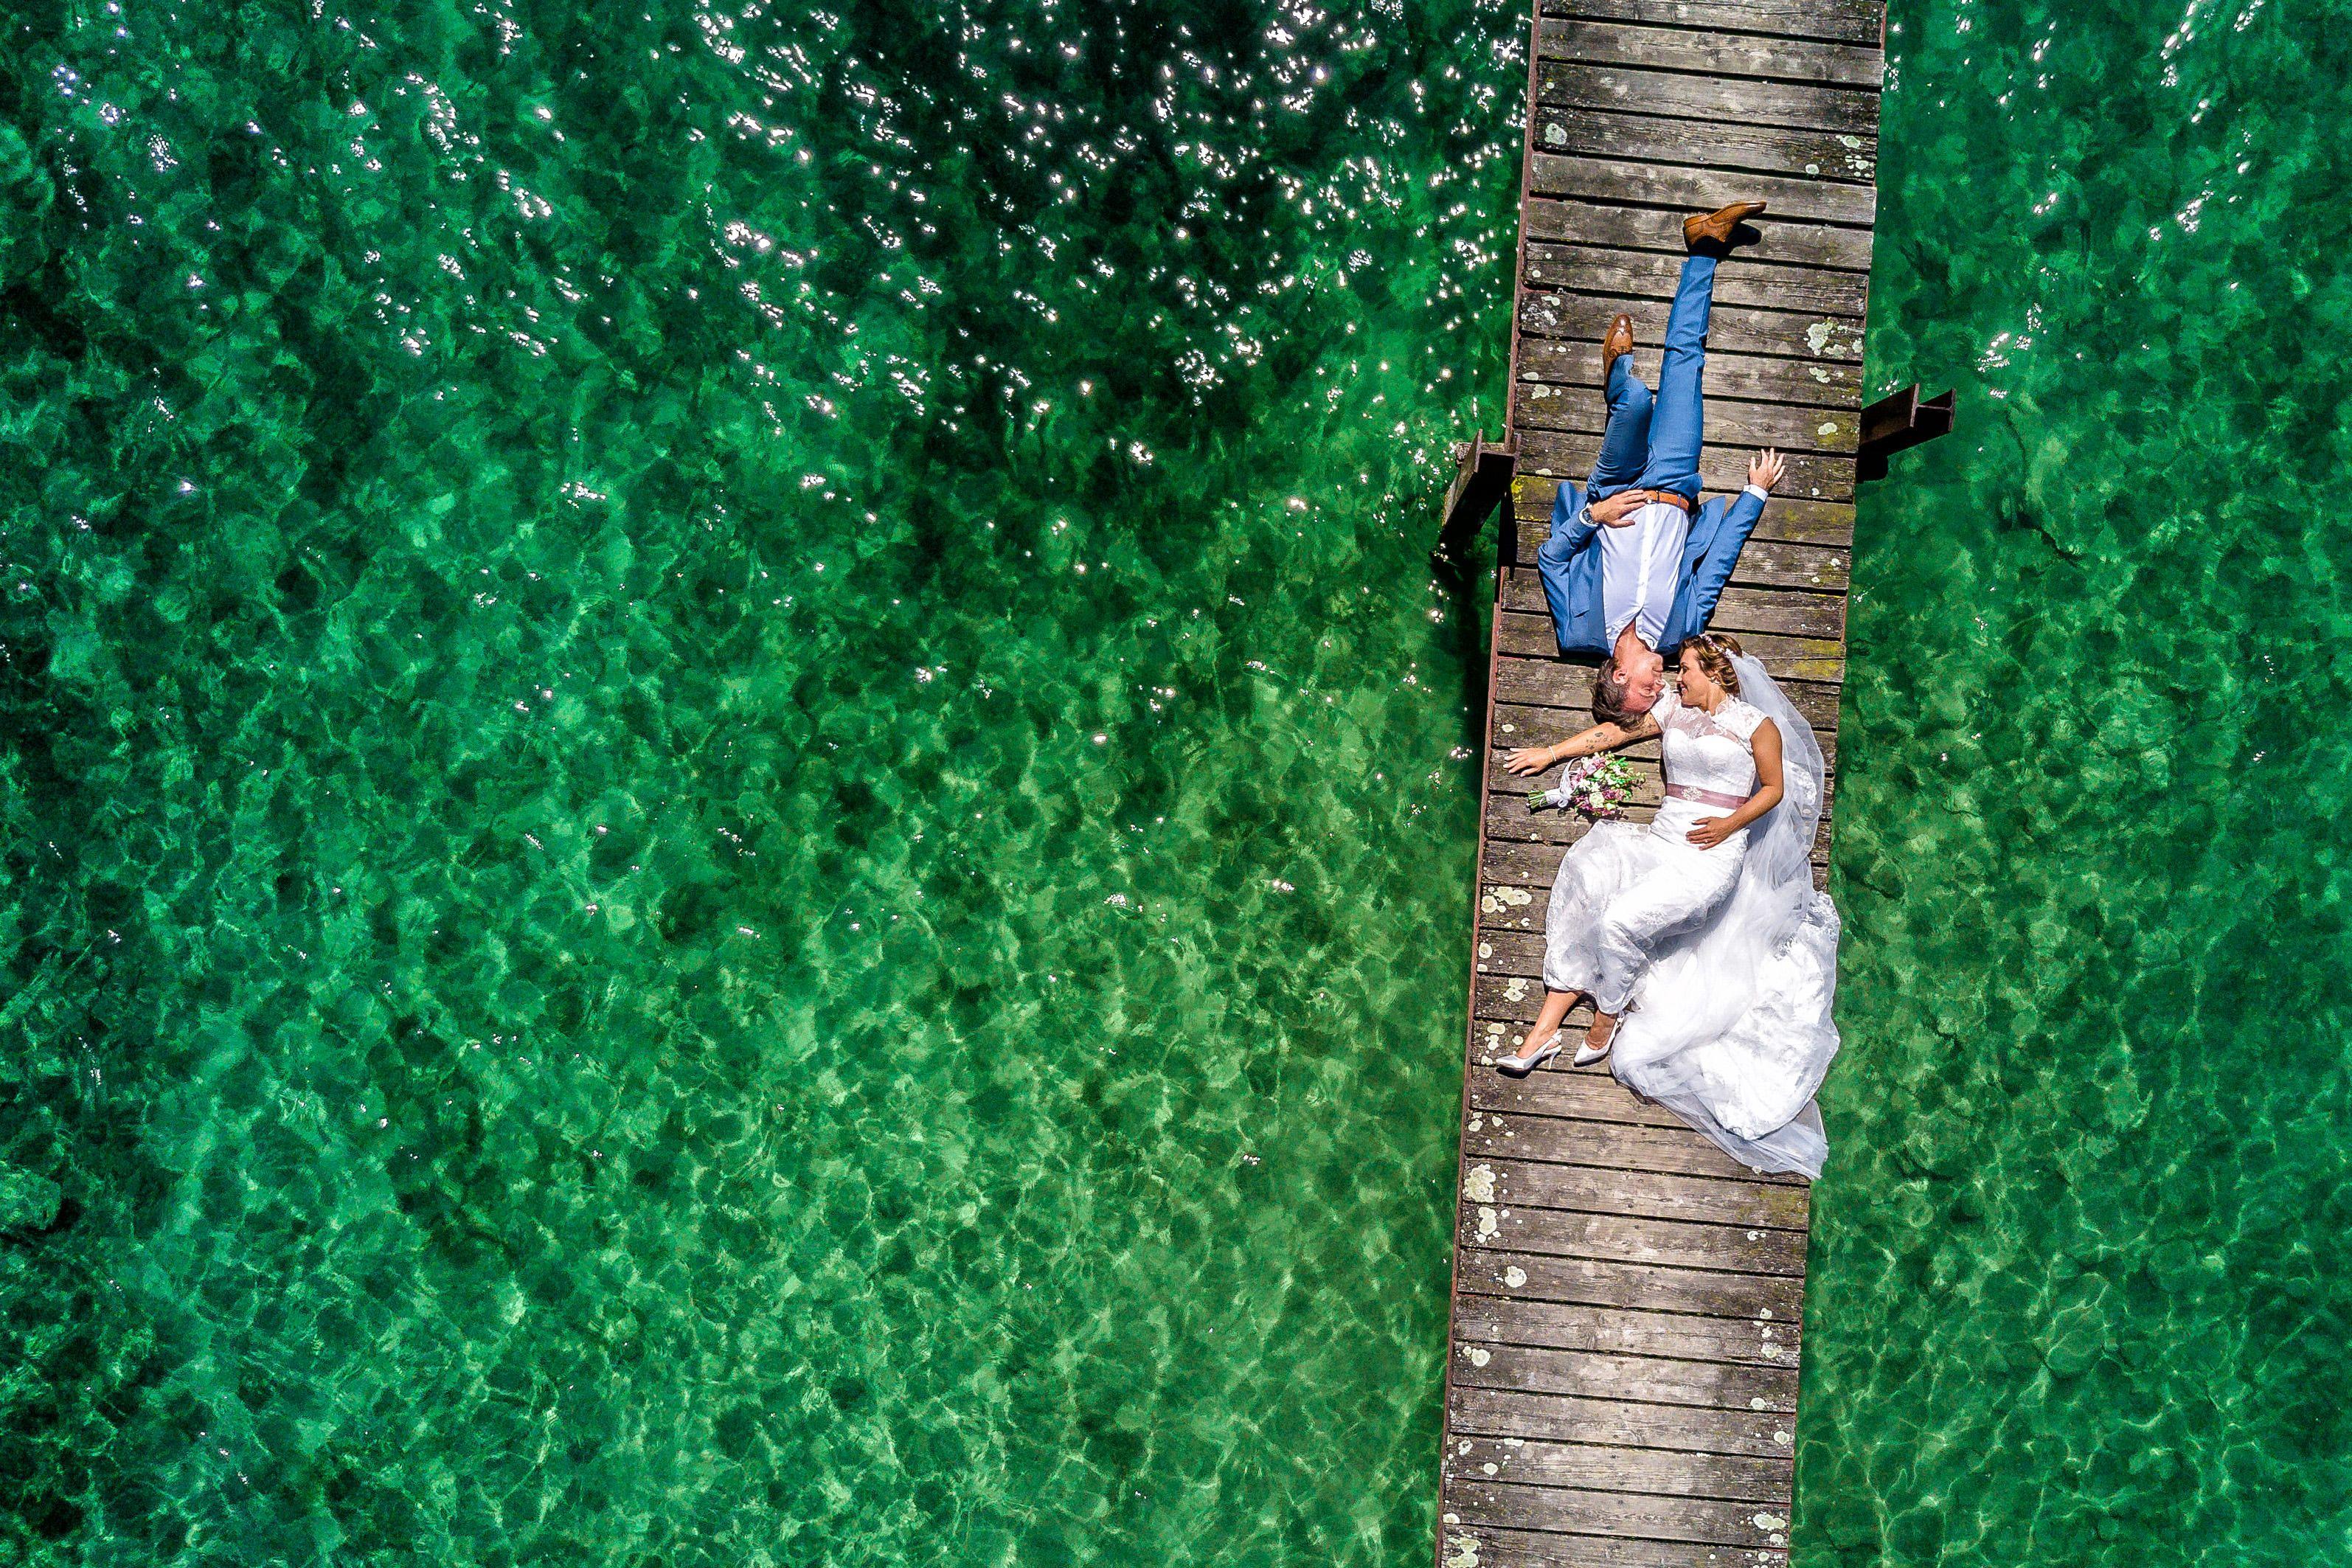 Wedding Picfrom Above Hochzeitsfoto Drohne Hochzeitsfotos Fotos Hochzeit